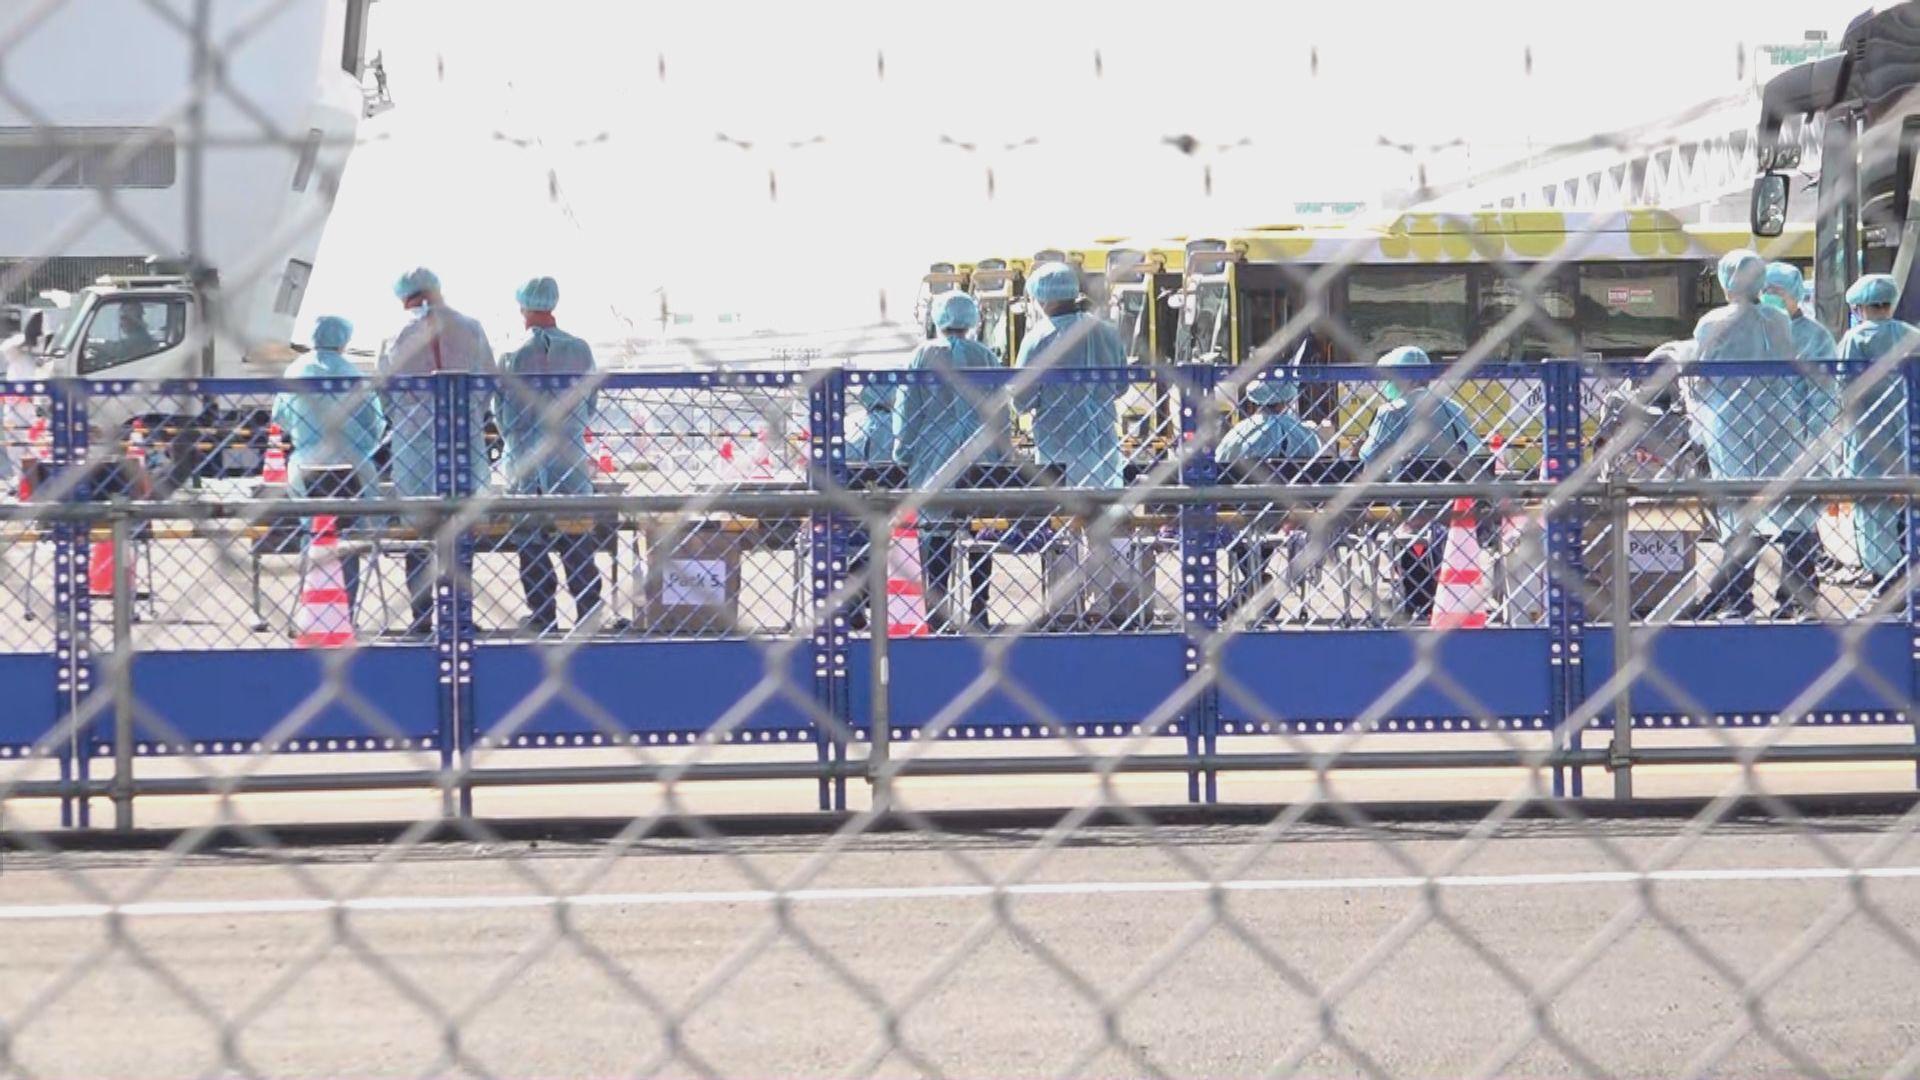 【現場報道】鑽石公主號港人已下船準備乘坐第二班包機回港